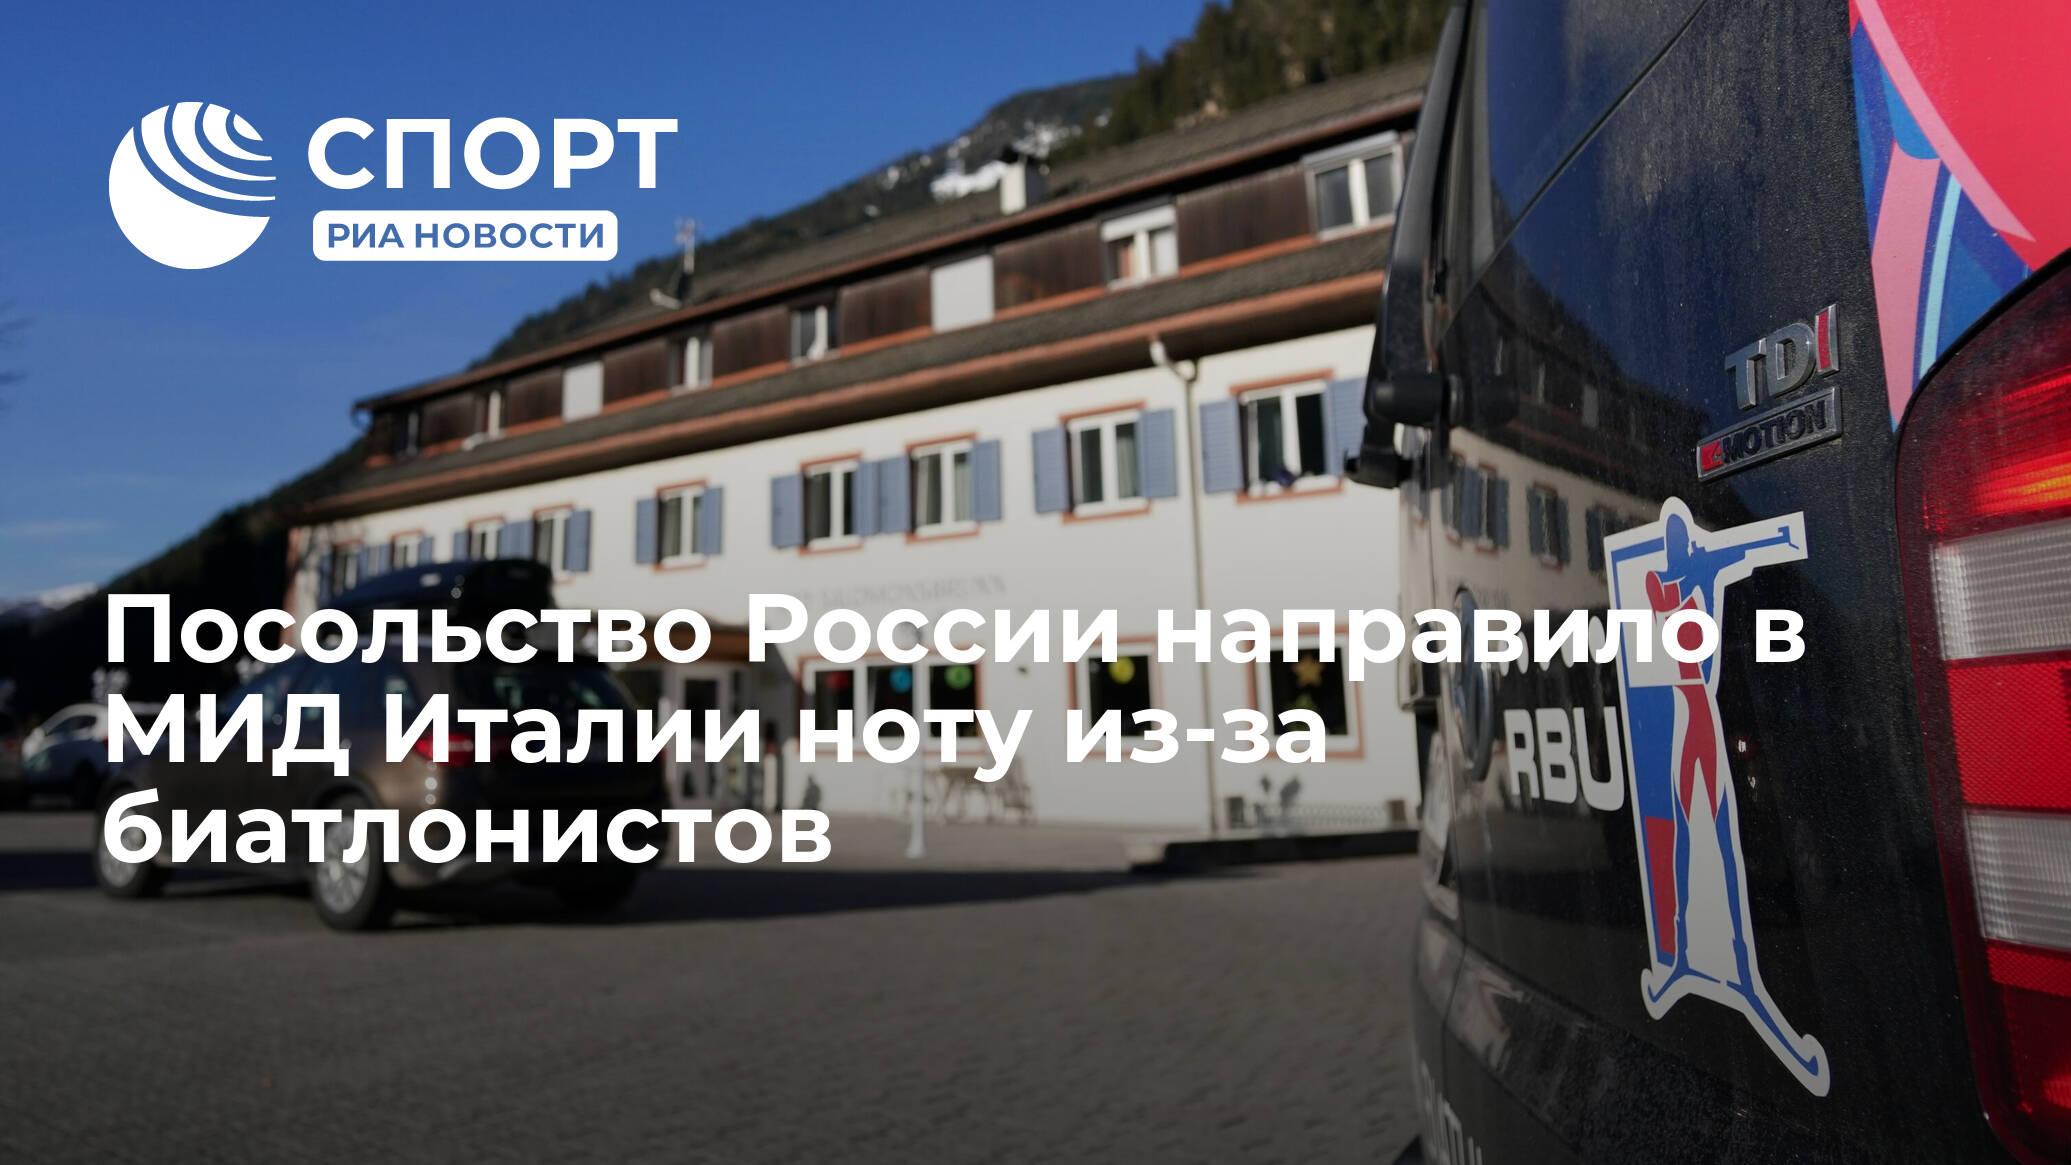 Посольство России направило в МИД Италии ноту из-за биатлонистов